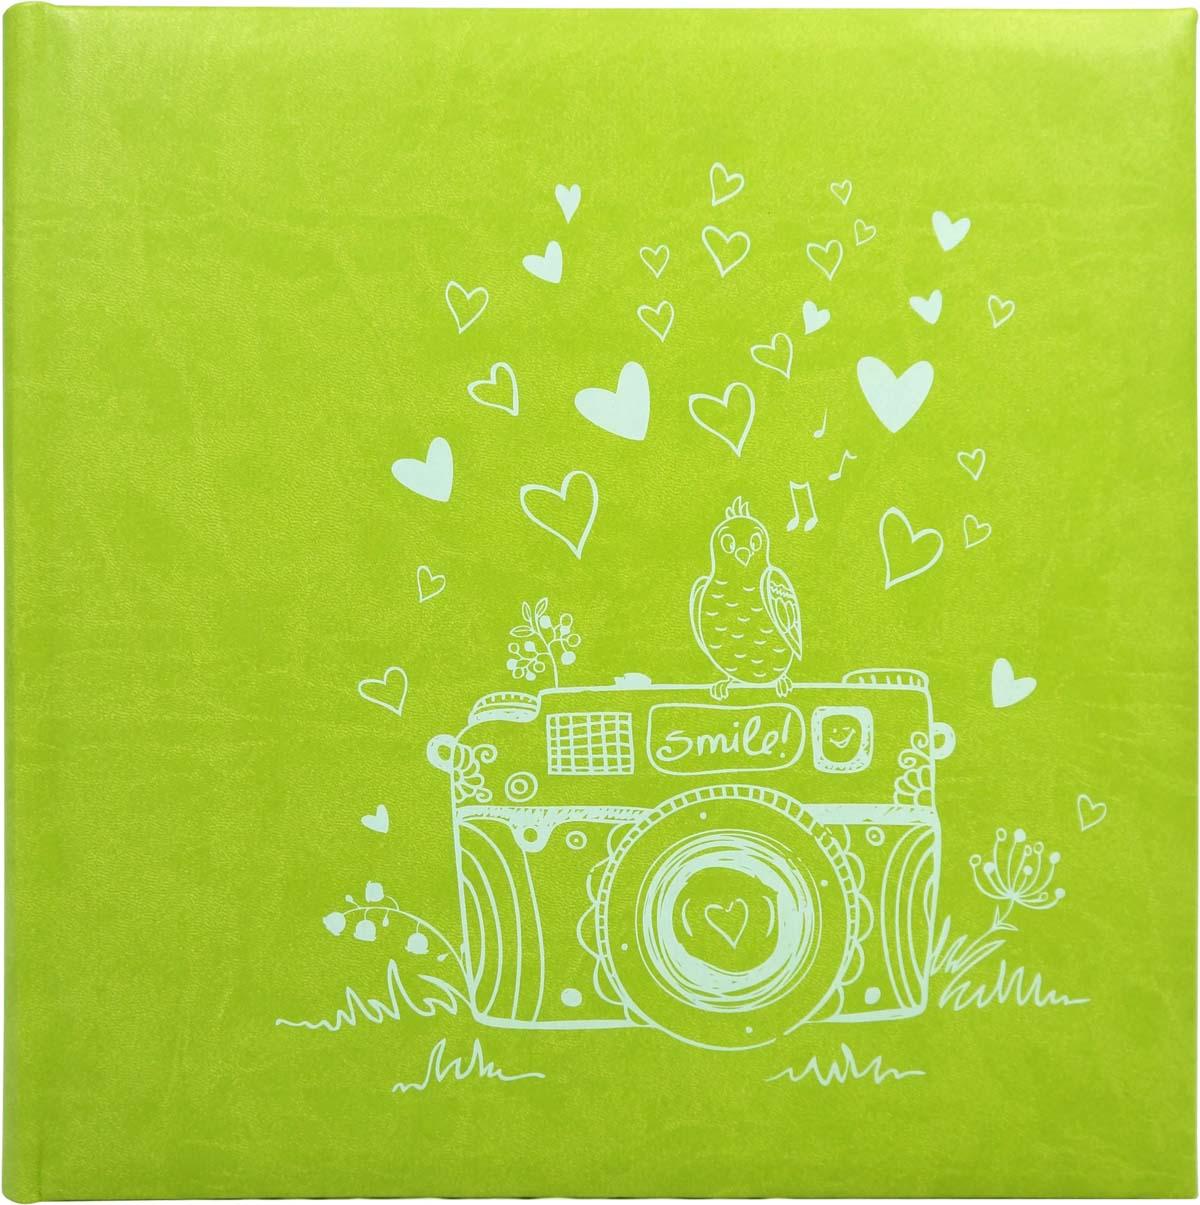 Фотоальбом Фолиант, цвет: светло-зеленый, 30 листов. ФА-5 florentia фотоальбом кожаный aurora 33 х 33 60 листов florentia al33617001